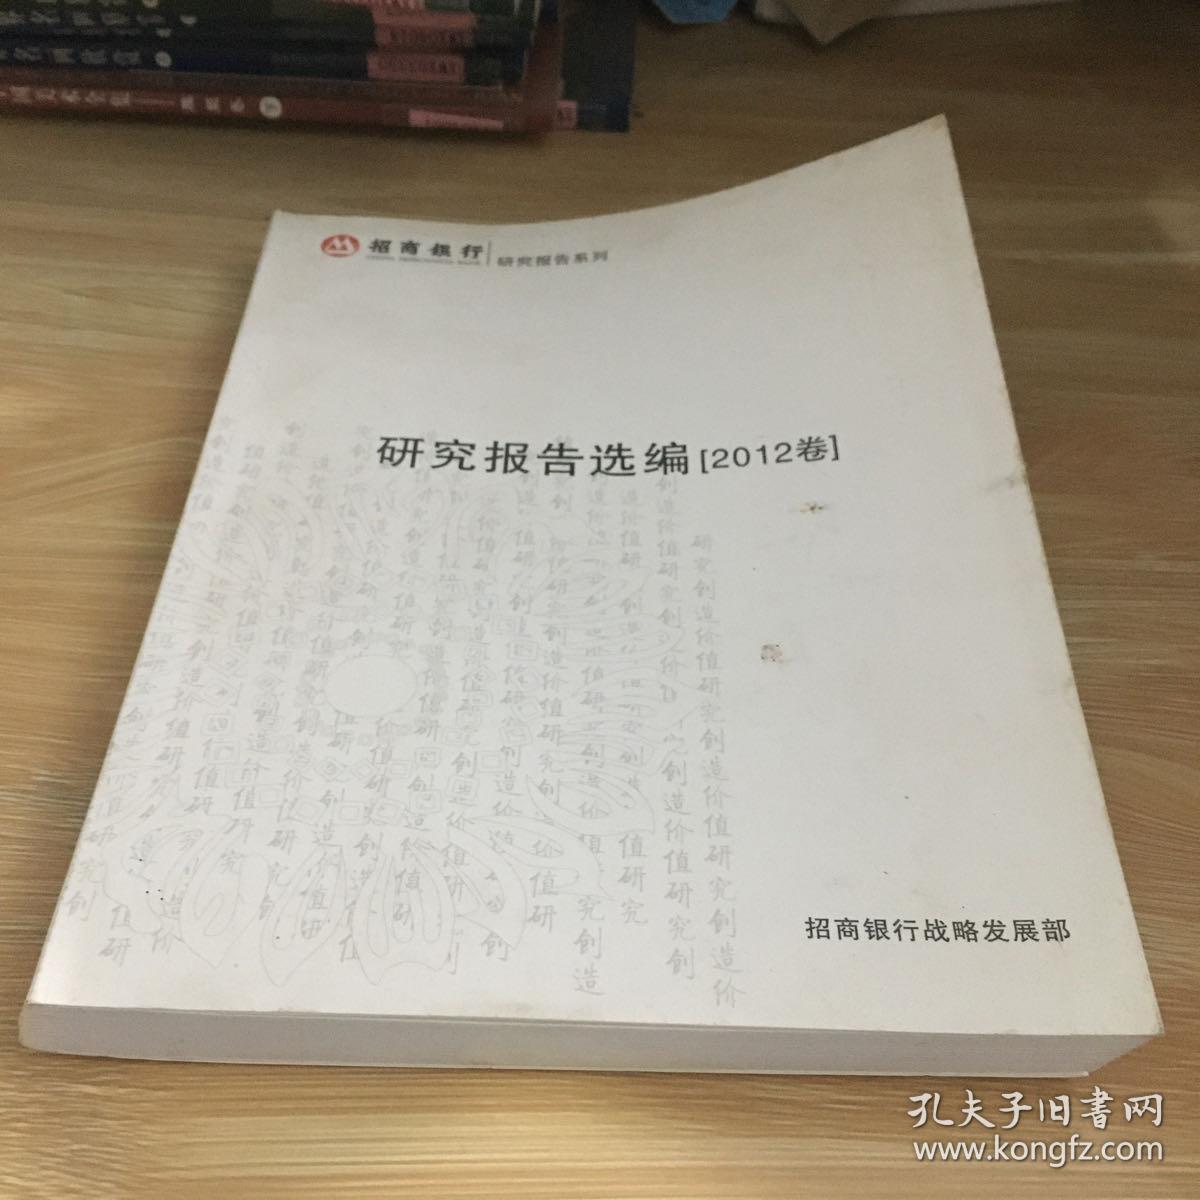 招商银行 研究报告系列:研究报告选编 2012 年 卷 管理述评 集萃